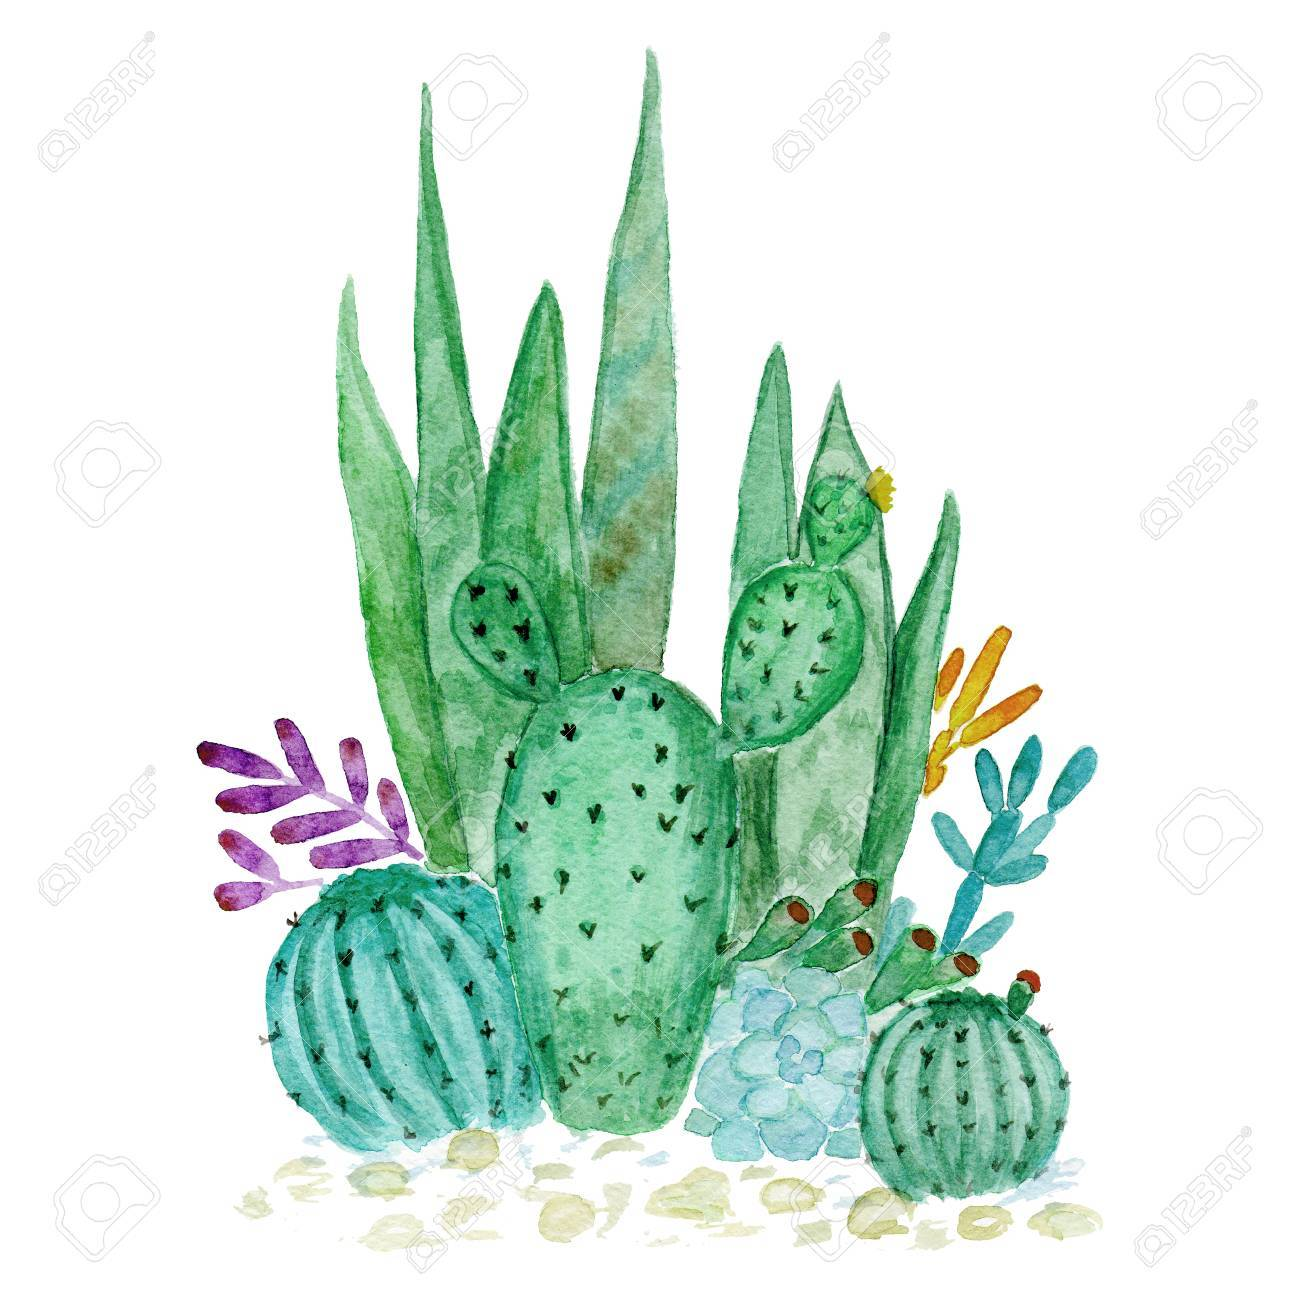 サボテン多肉植物イラスト水彩 Handdraw の写真素材画像素材 Image